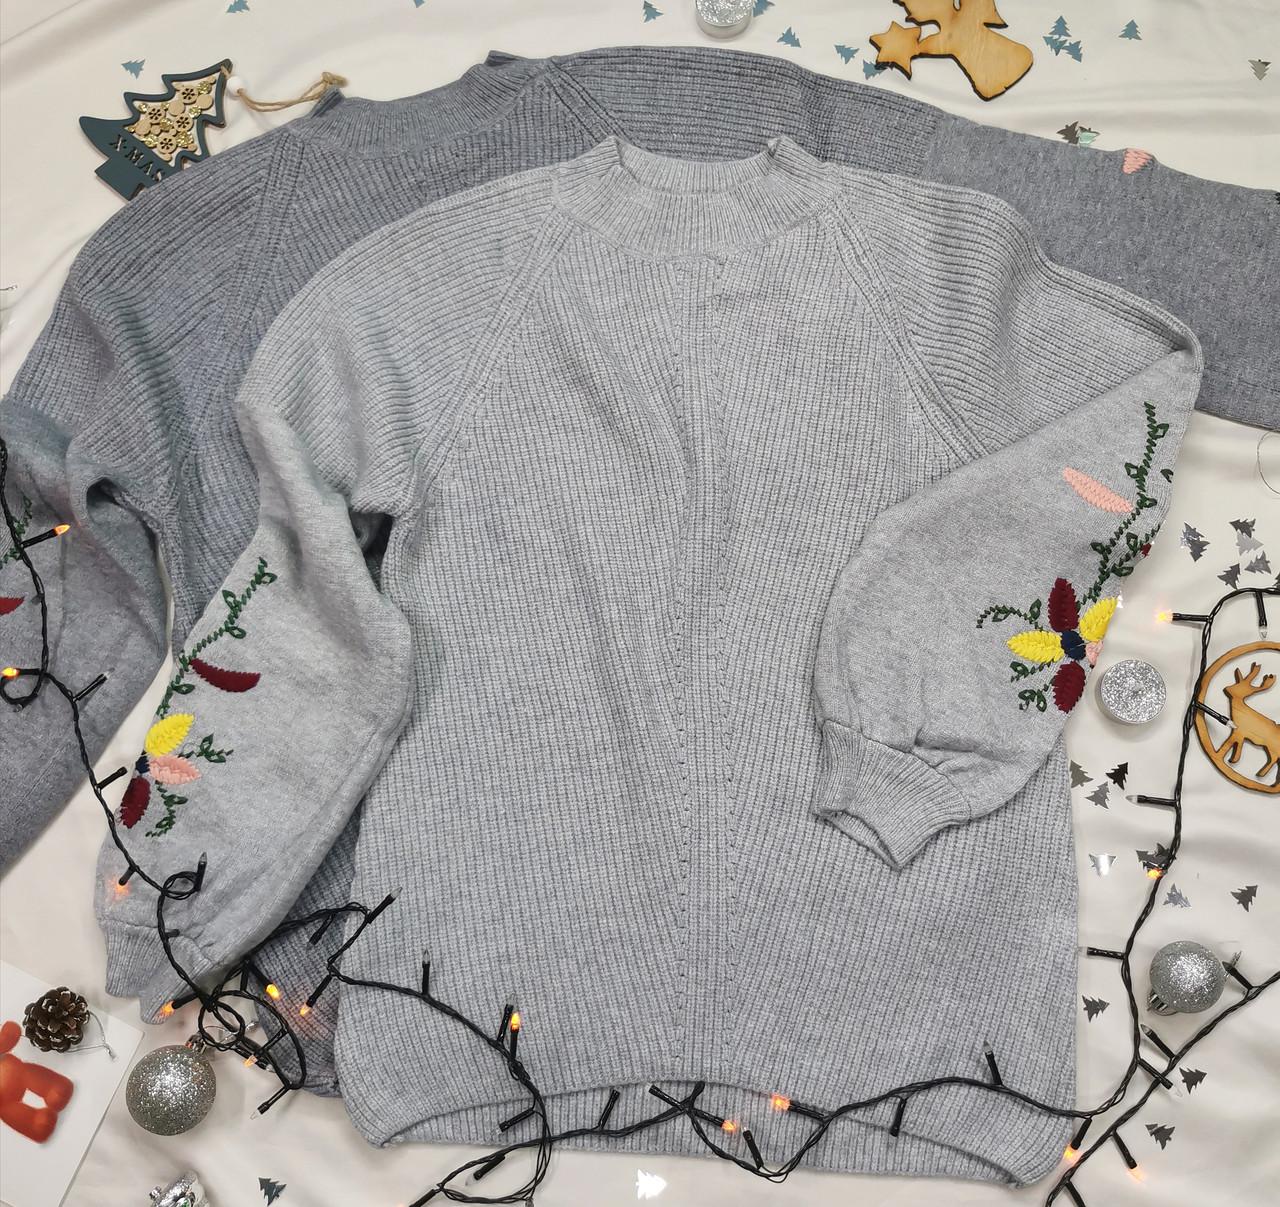 Теплый вязаный женский свитер серый с вышивкой